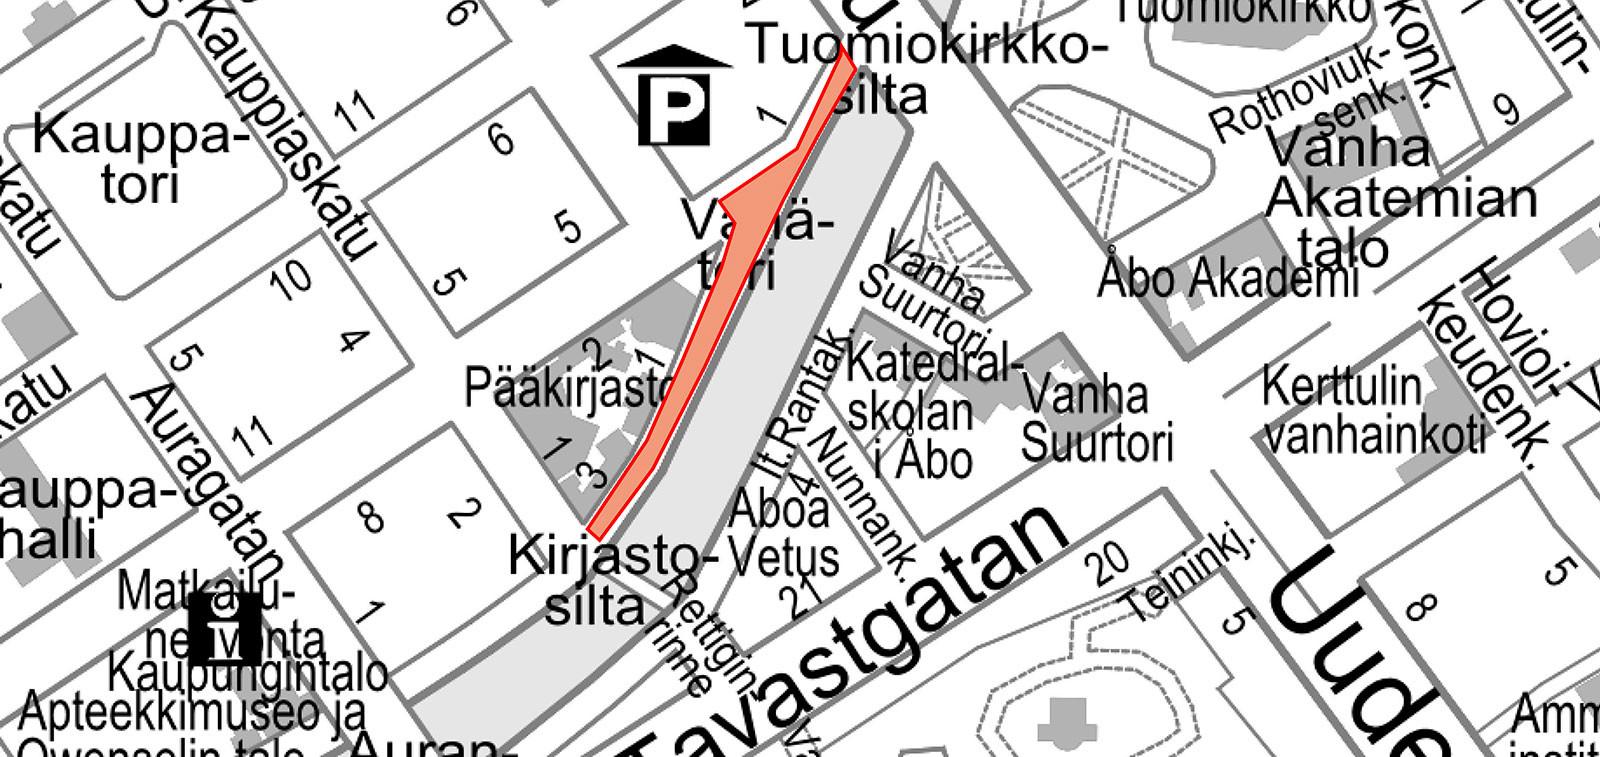 Vahatori Turku Fi